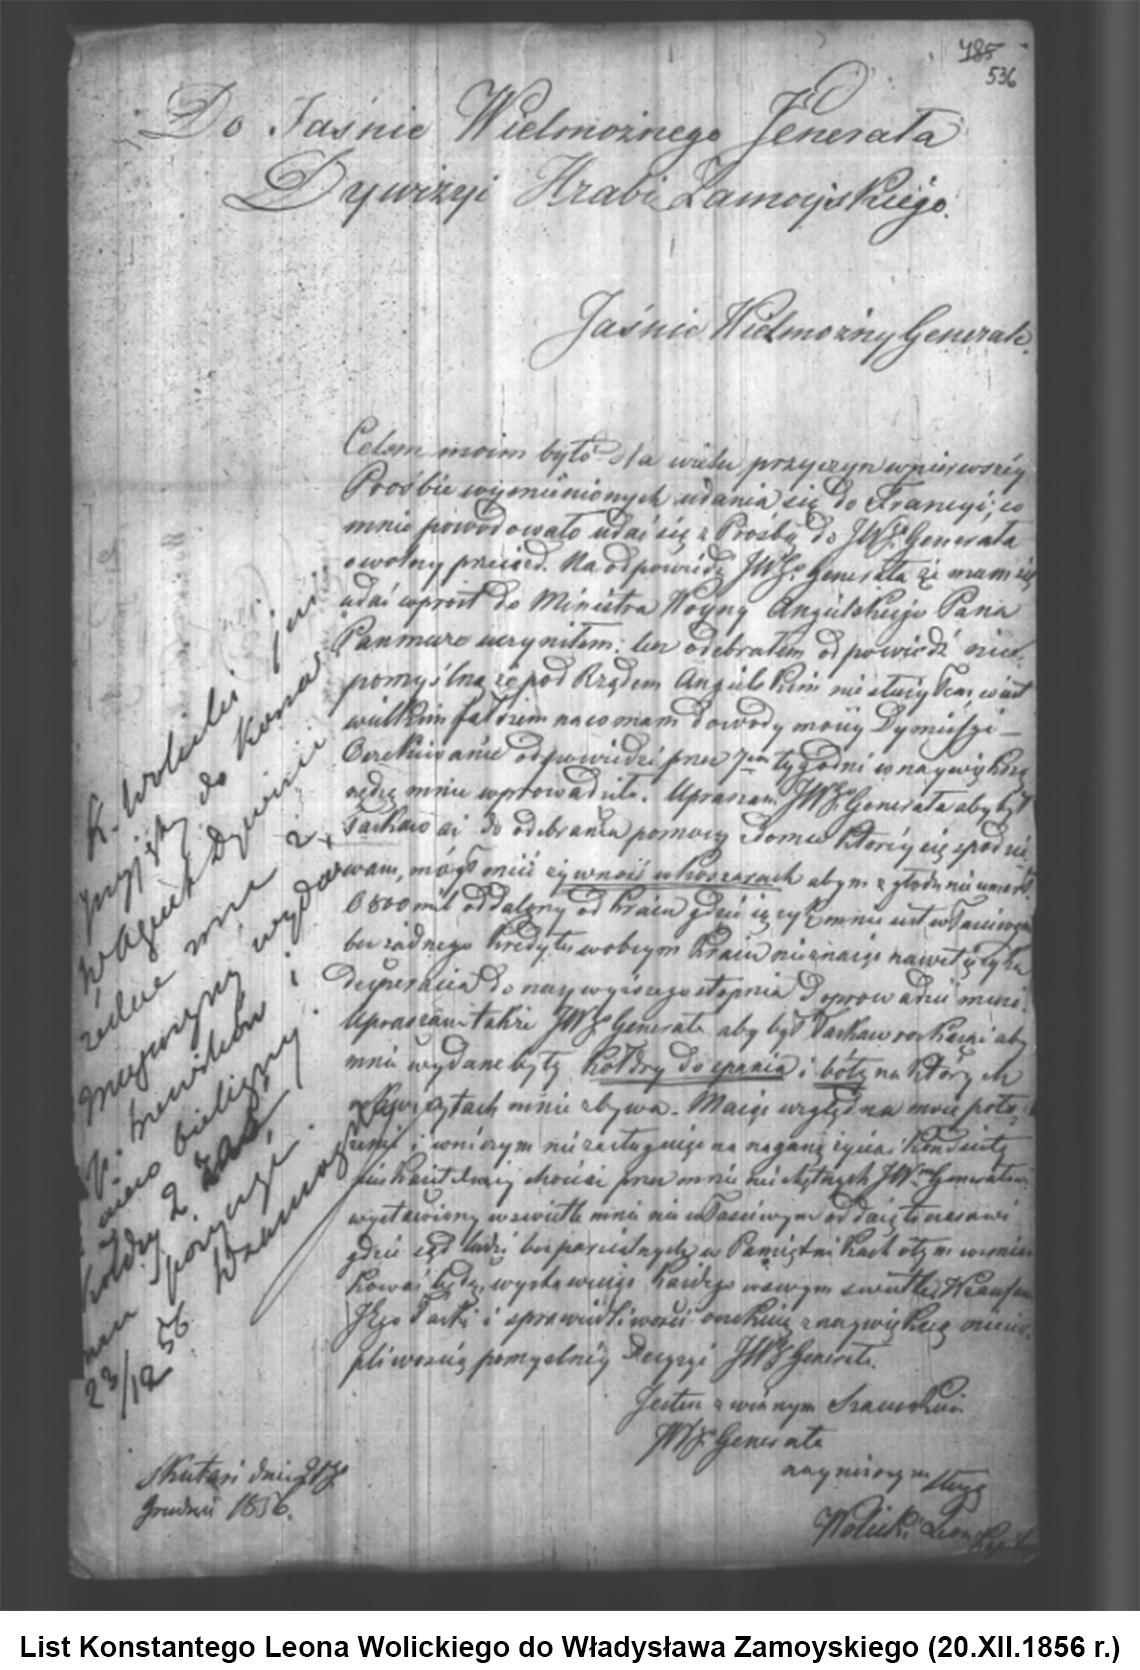 List Konstantego Leona Wolickiego do Władysława Zamoyskiego (20.XII.1856 r.)